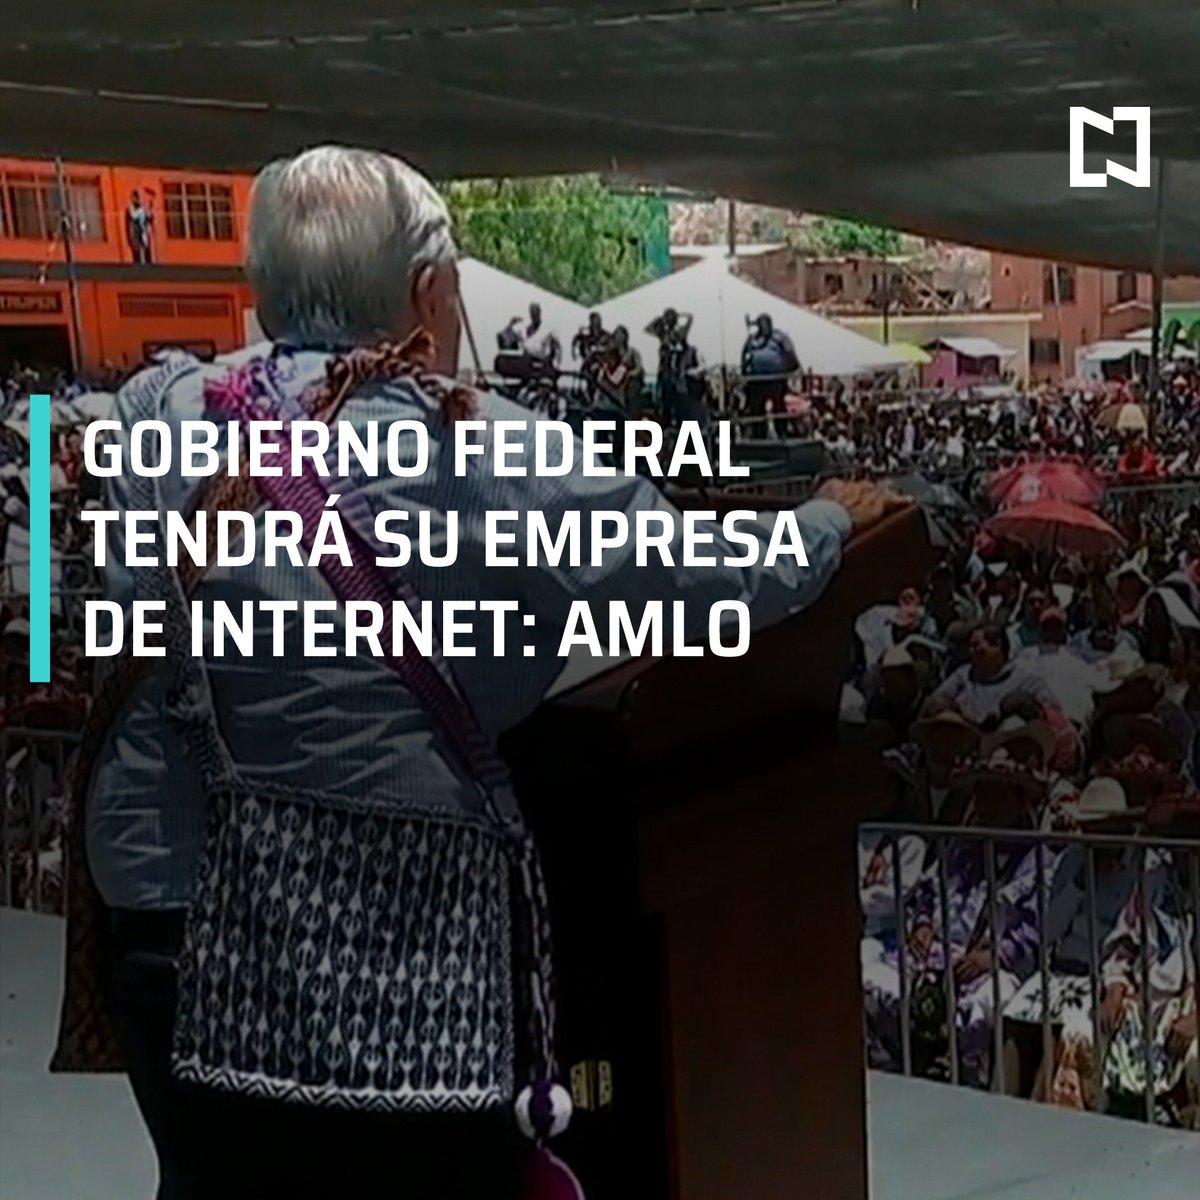 AMLO anuncia que el Gobierno federal tendrá su propia empresa de internet, dijo que las empresas que ya existen no dan servicio en pueblos apartados #DespiertaConLoret con @campossuarez